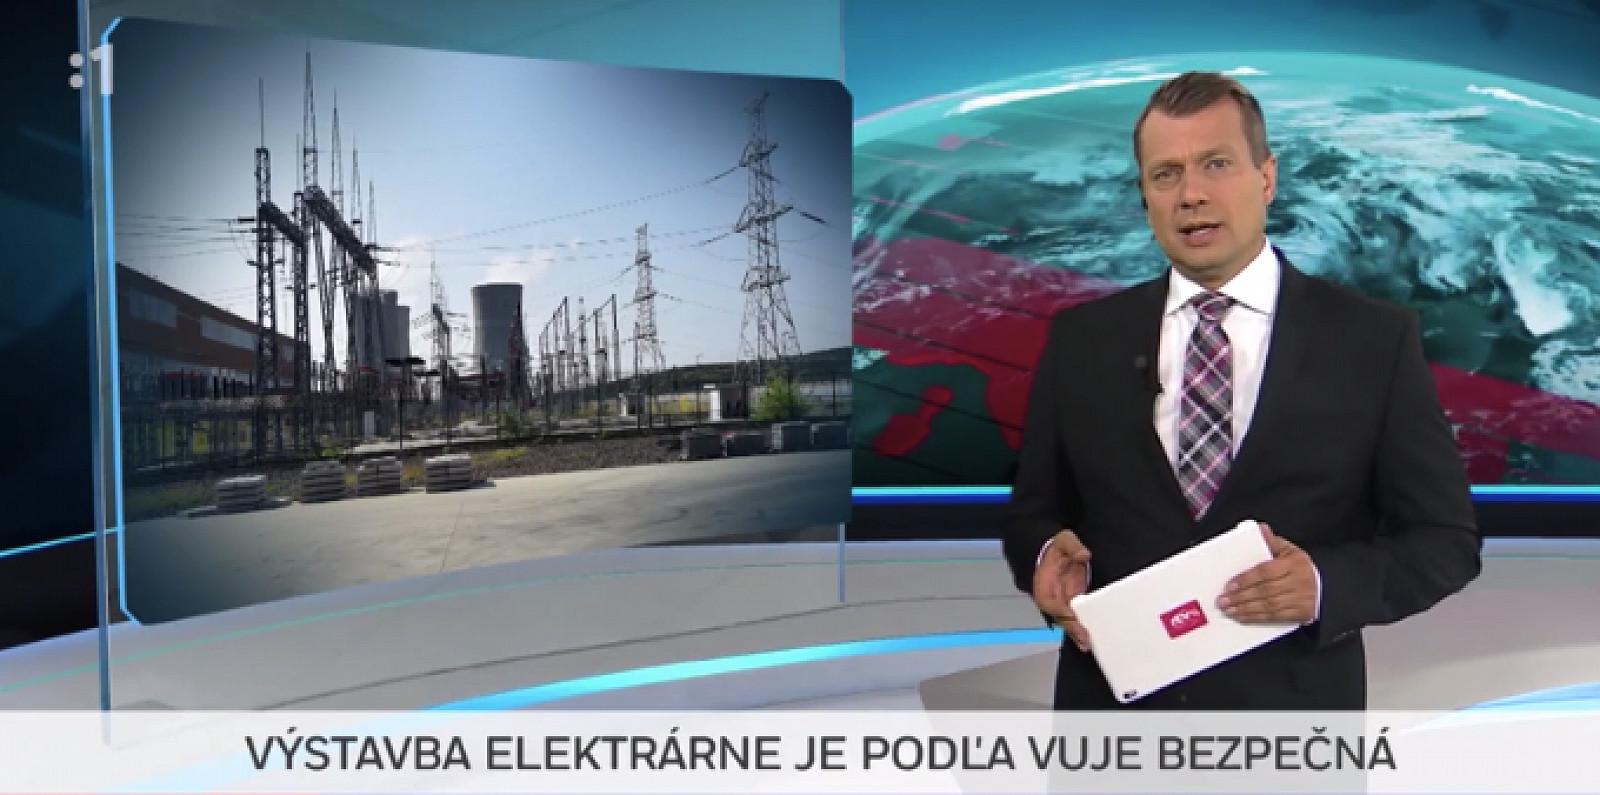 Výstavba elektrárne je podľa spoločnosti VUJE bezpečná